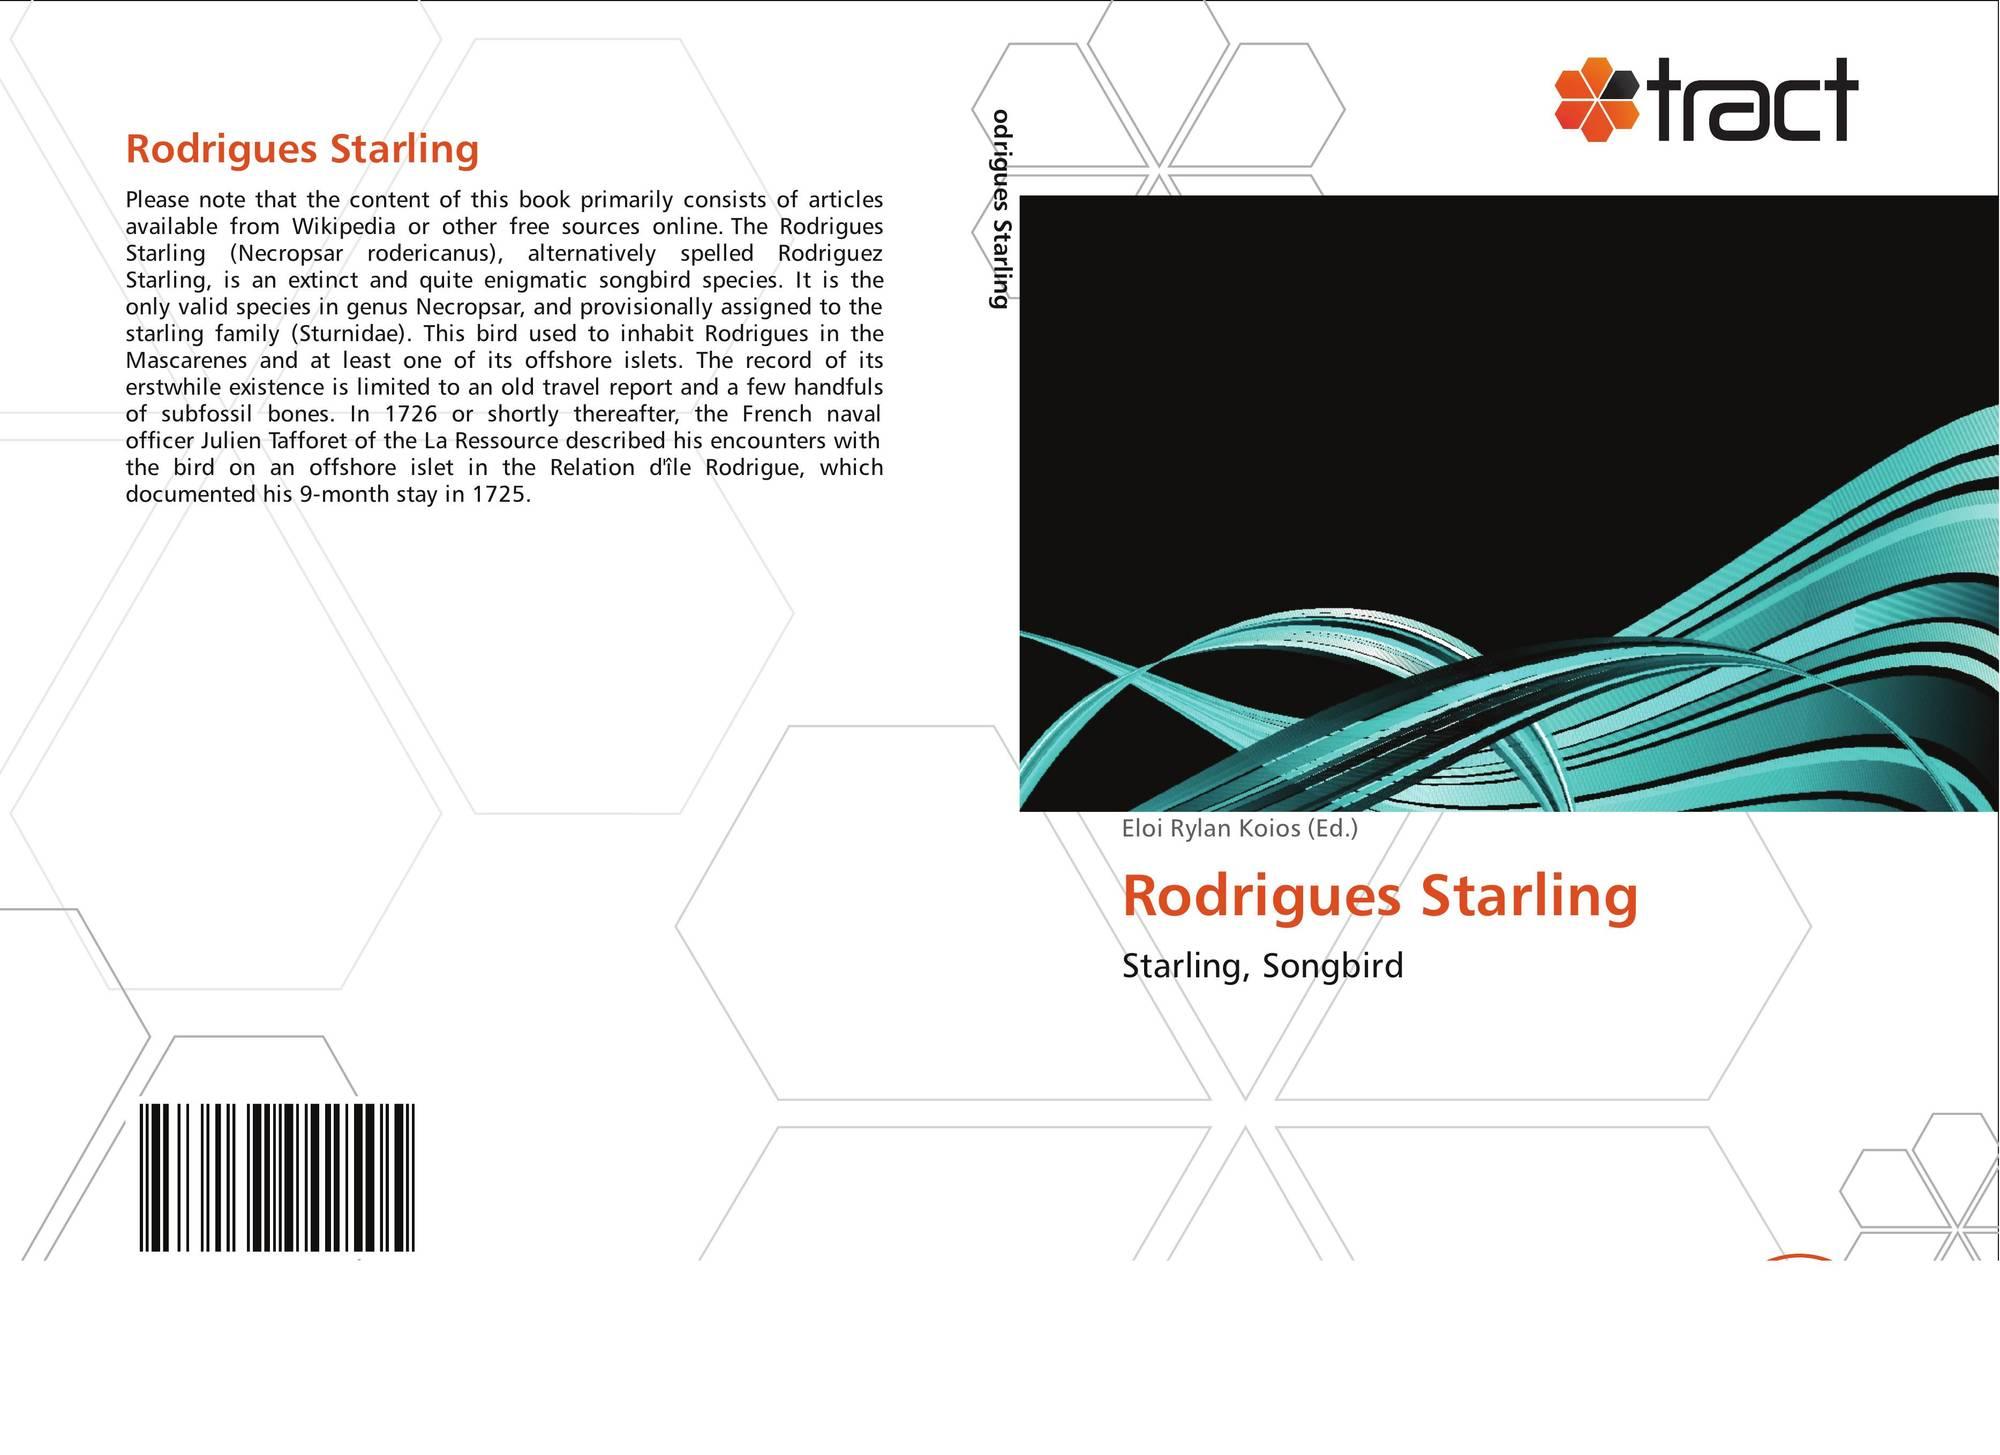 Rodrigues starling